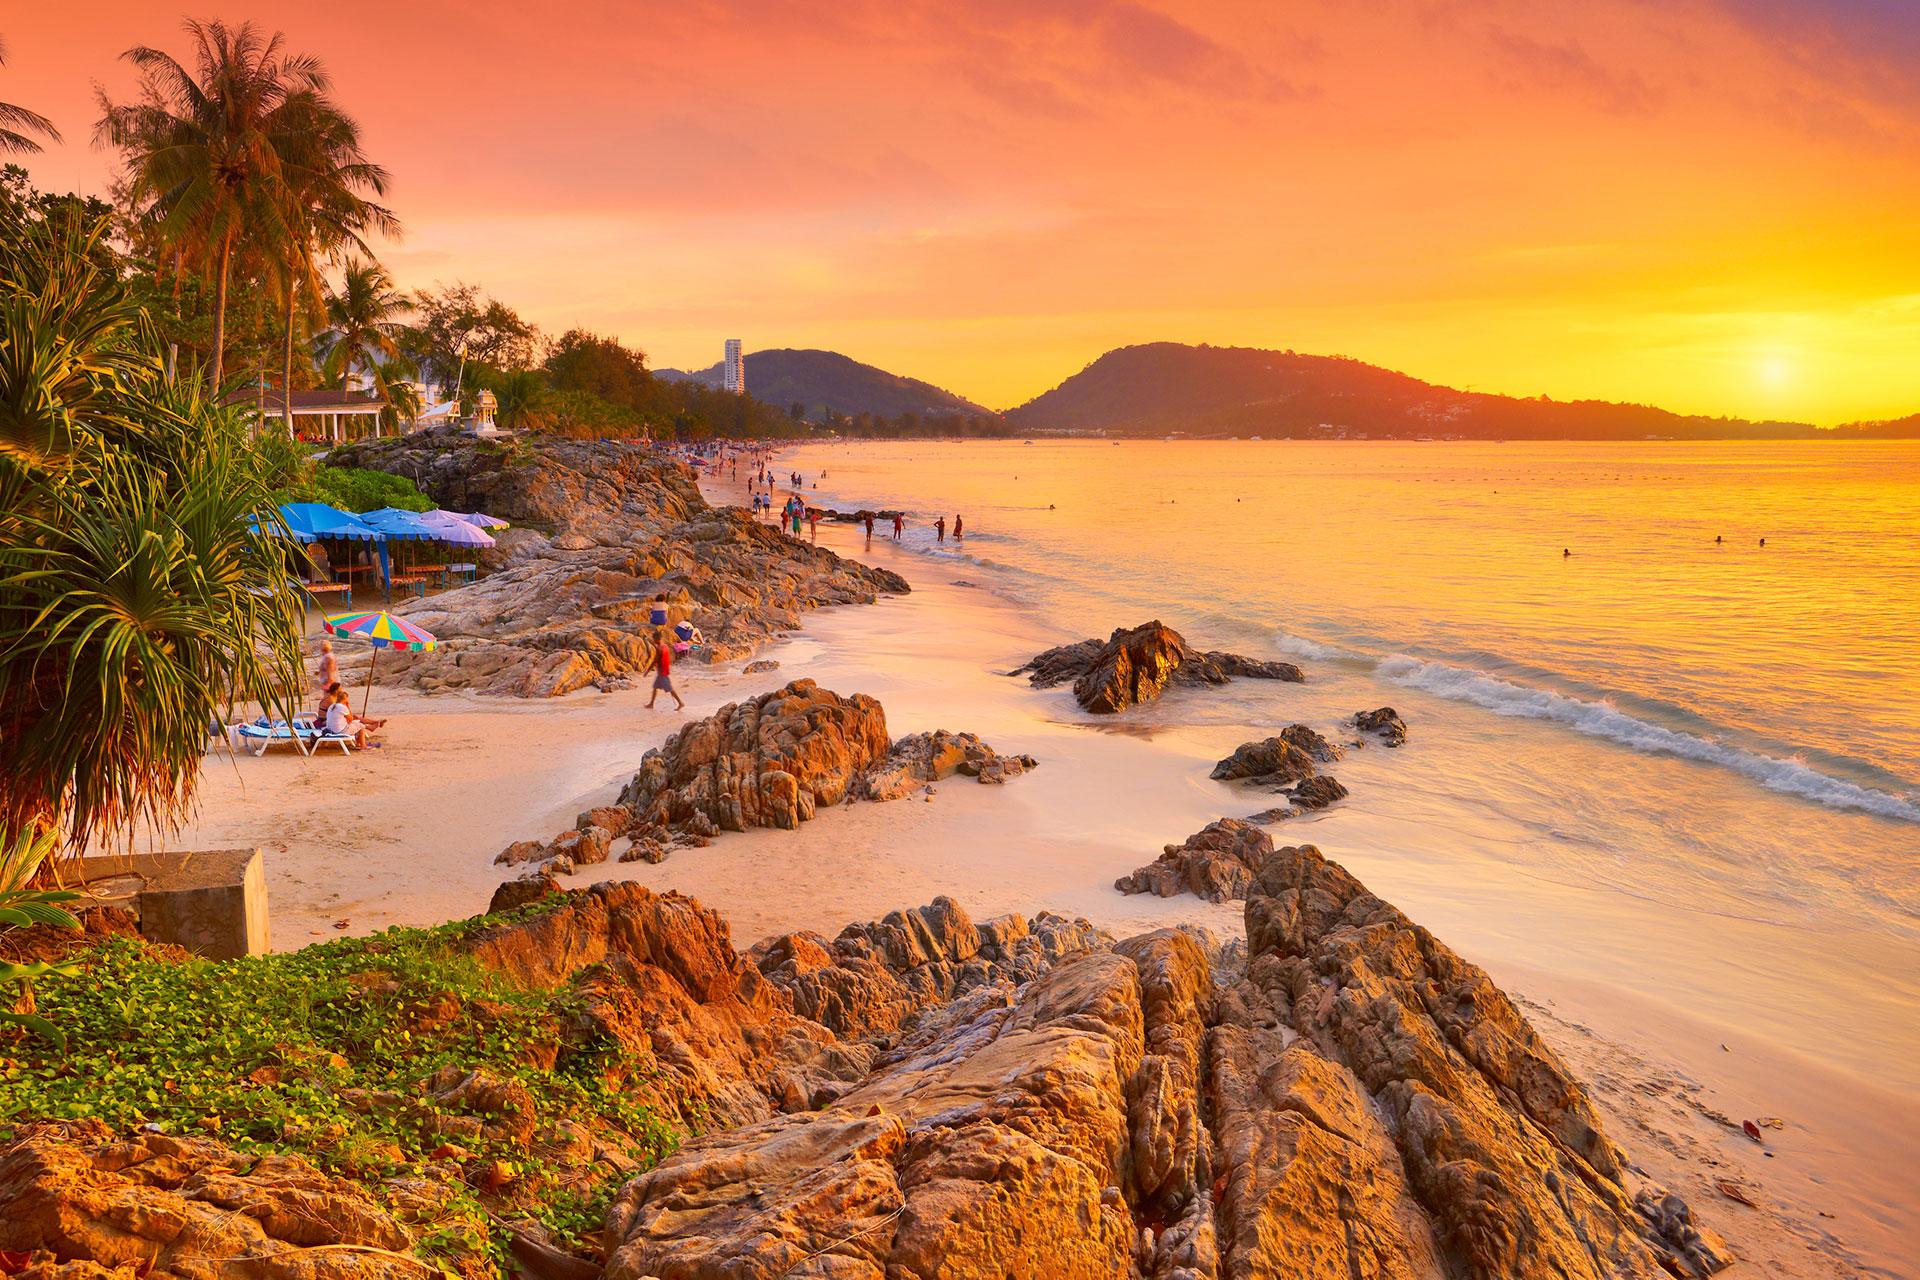 Patong Beach es posiblemente el más famoso (y sorprendente) de los resorts de playa de Phuket